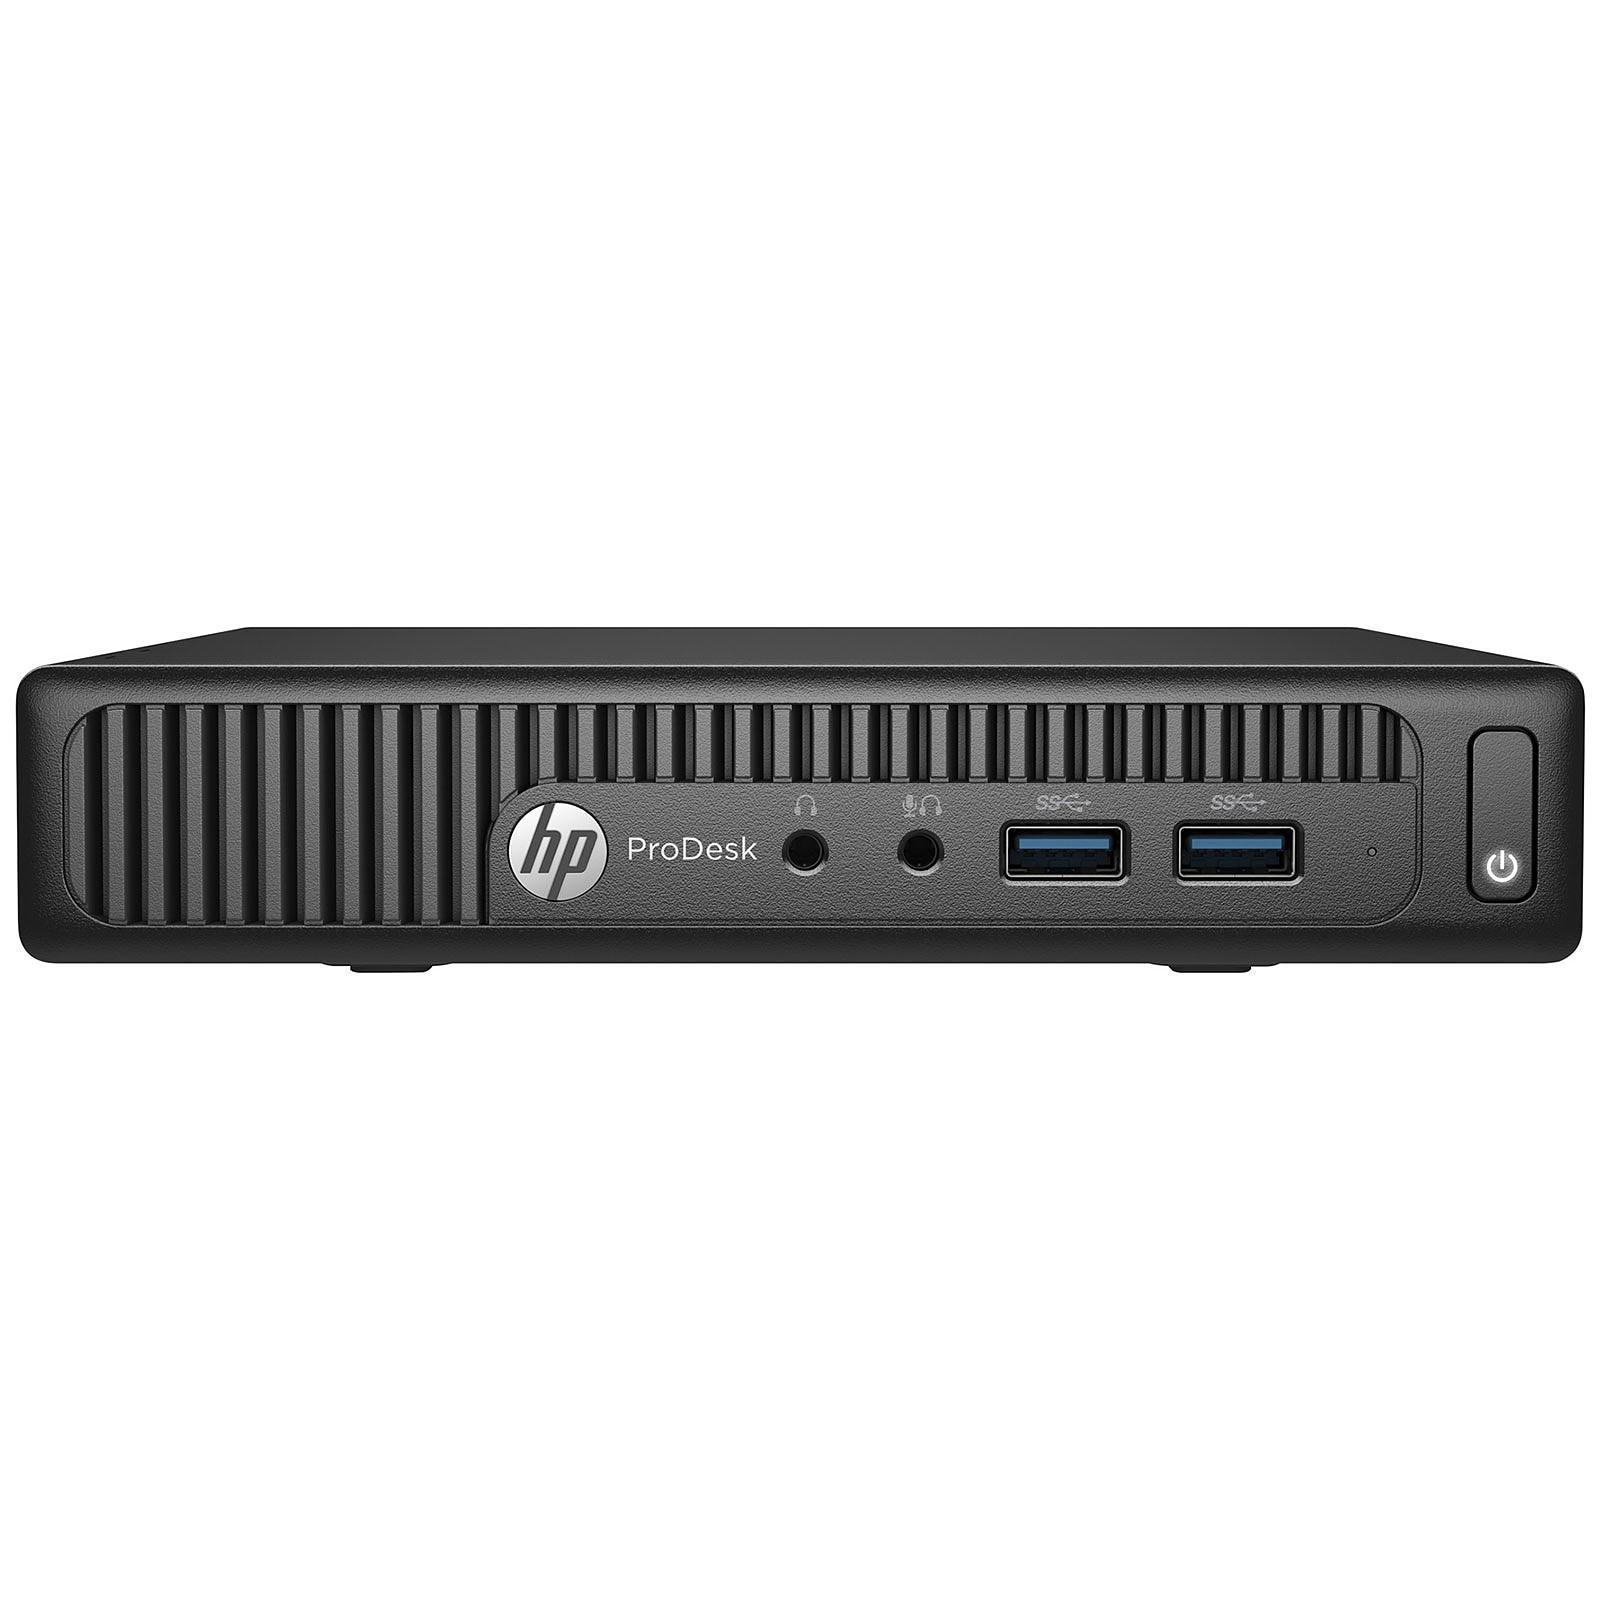 HP ProDesk 400 G2 Mini (T4R58ET)